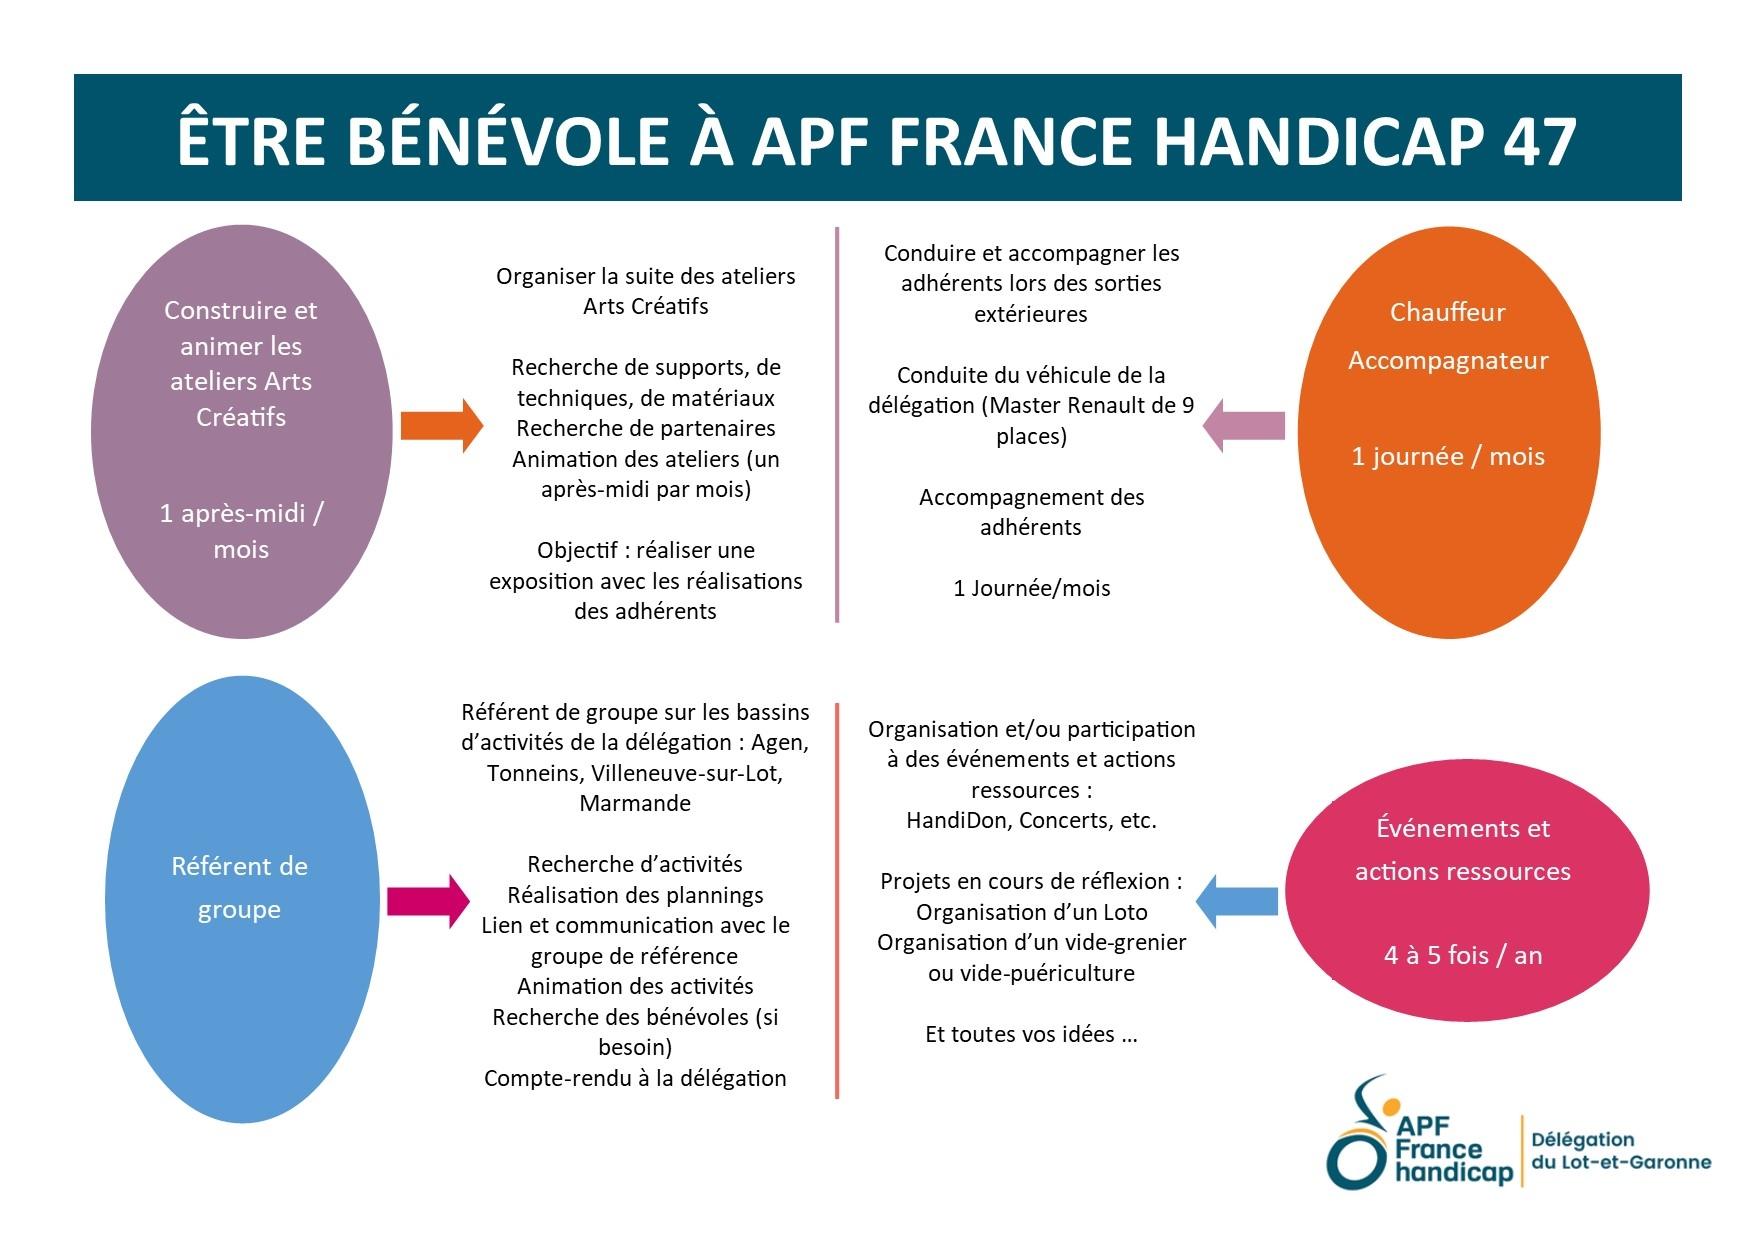 Être Bénévole à APF France handicap 47 - P03.jpg